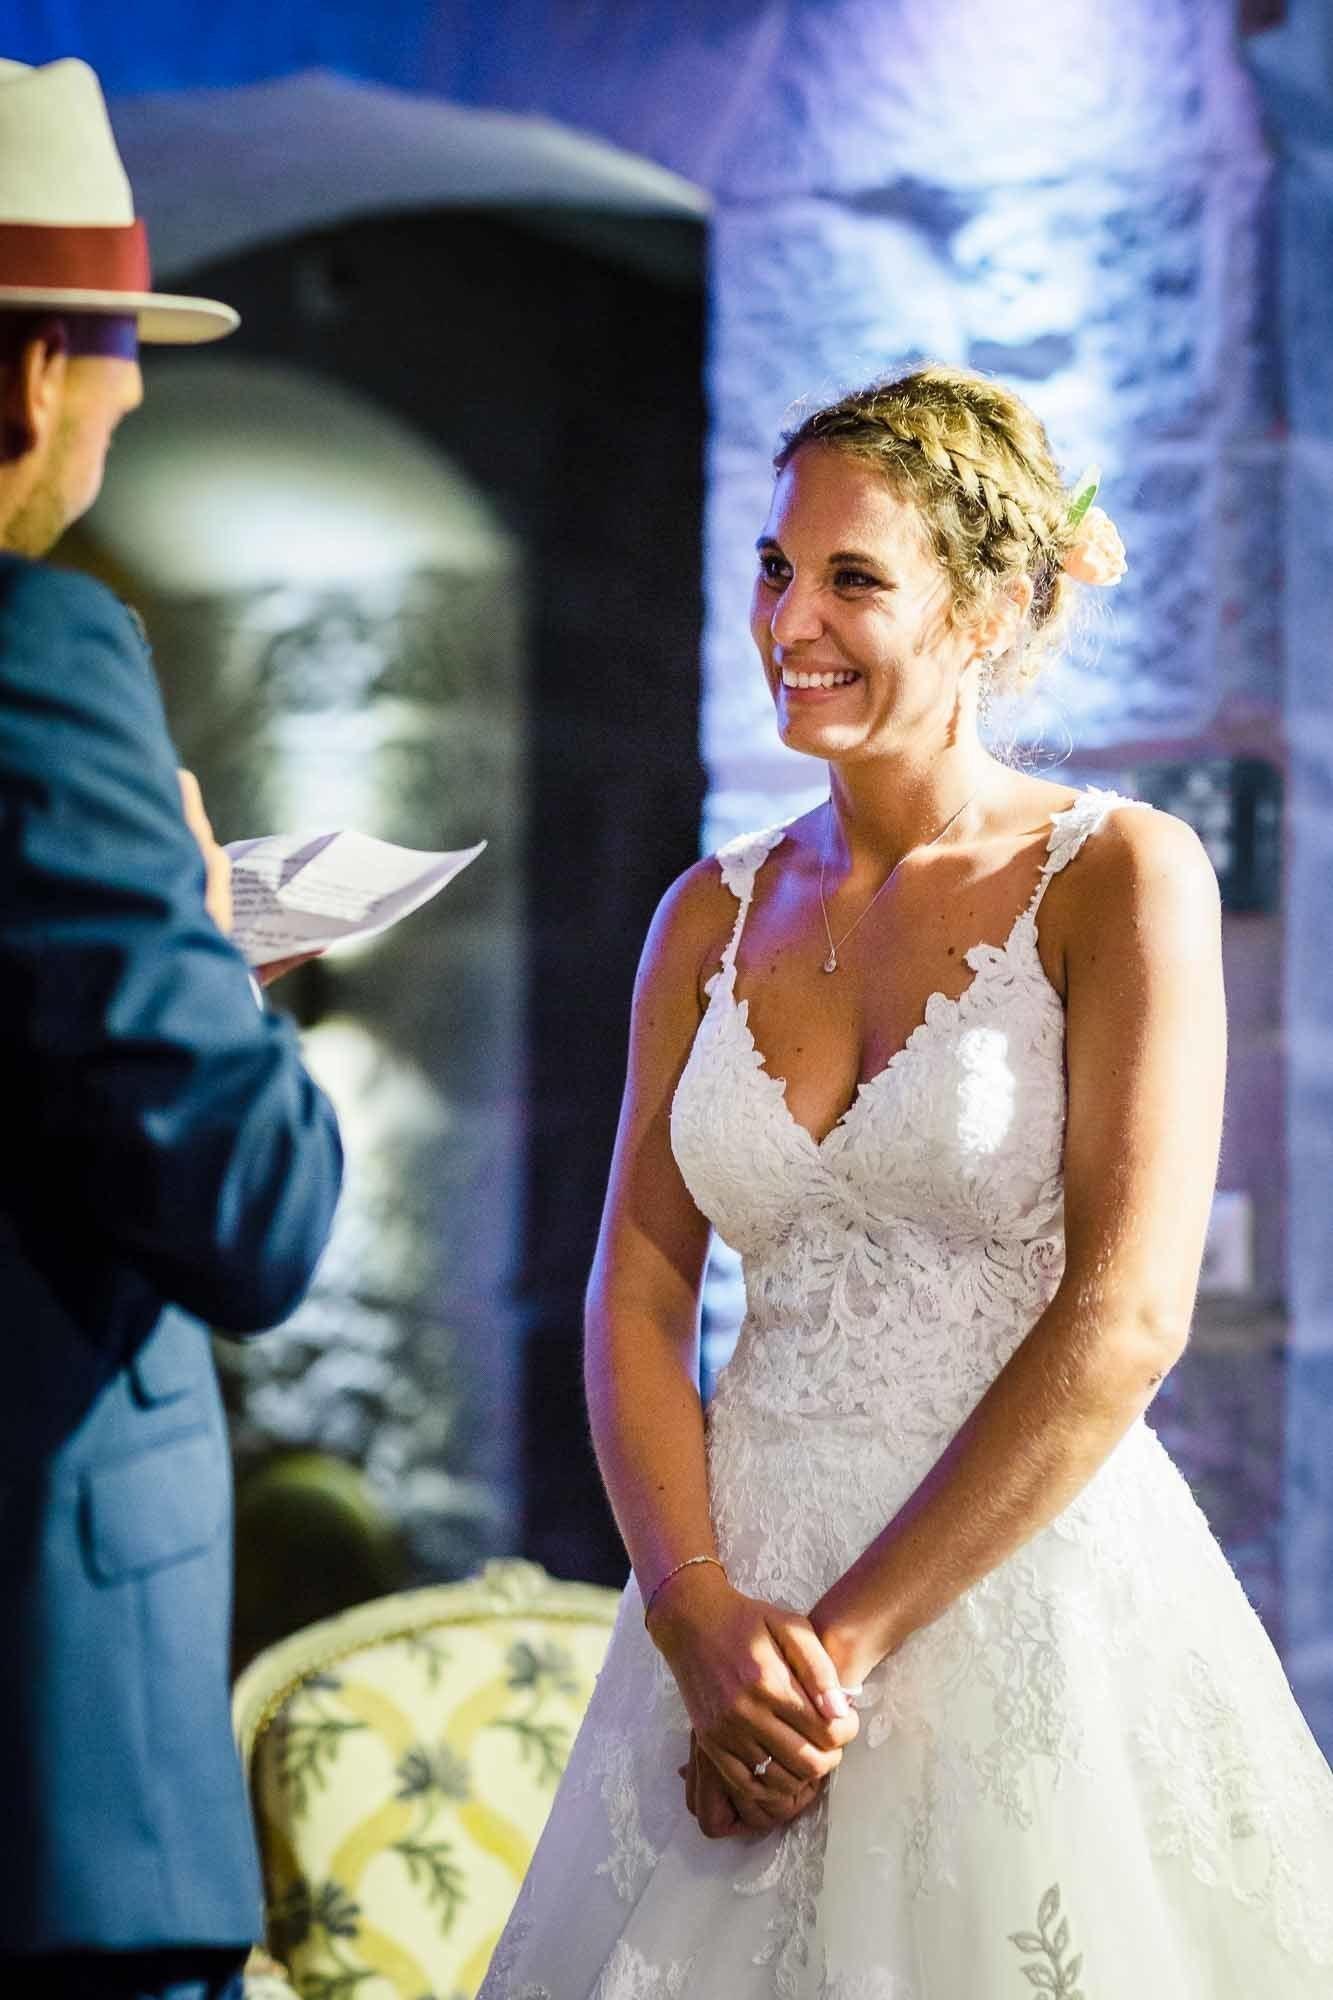 Bräutigam liest Eheversprechen der Braut vor